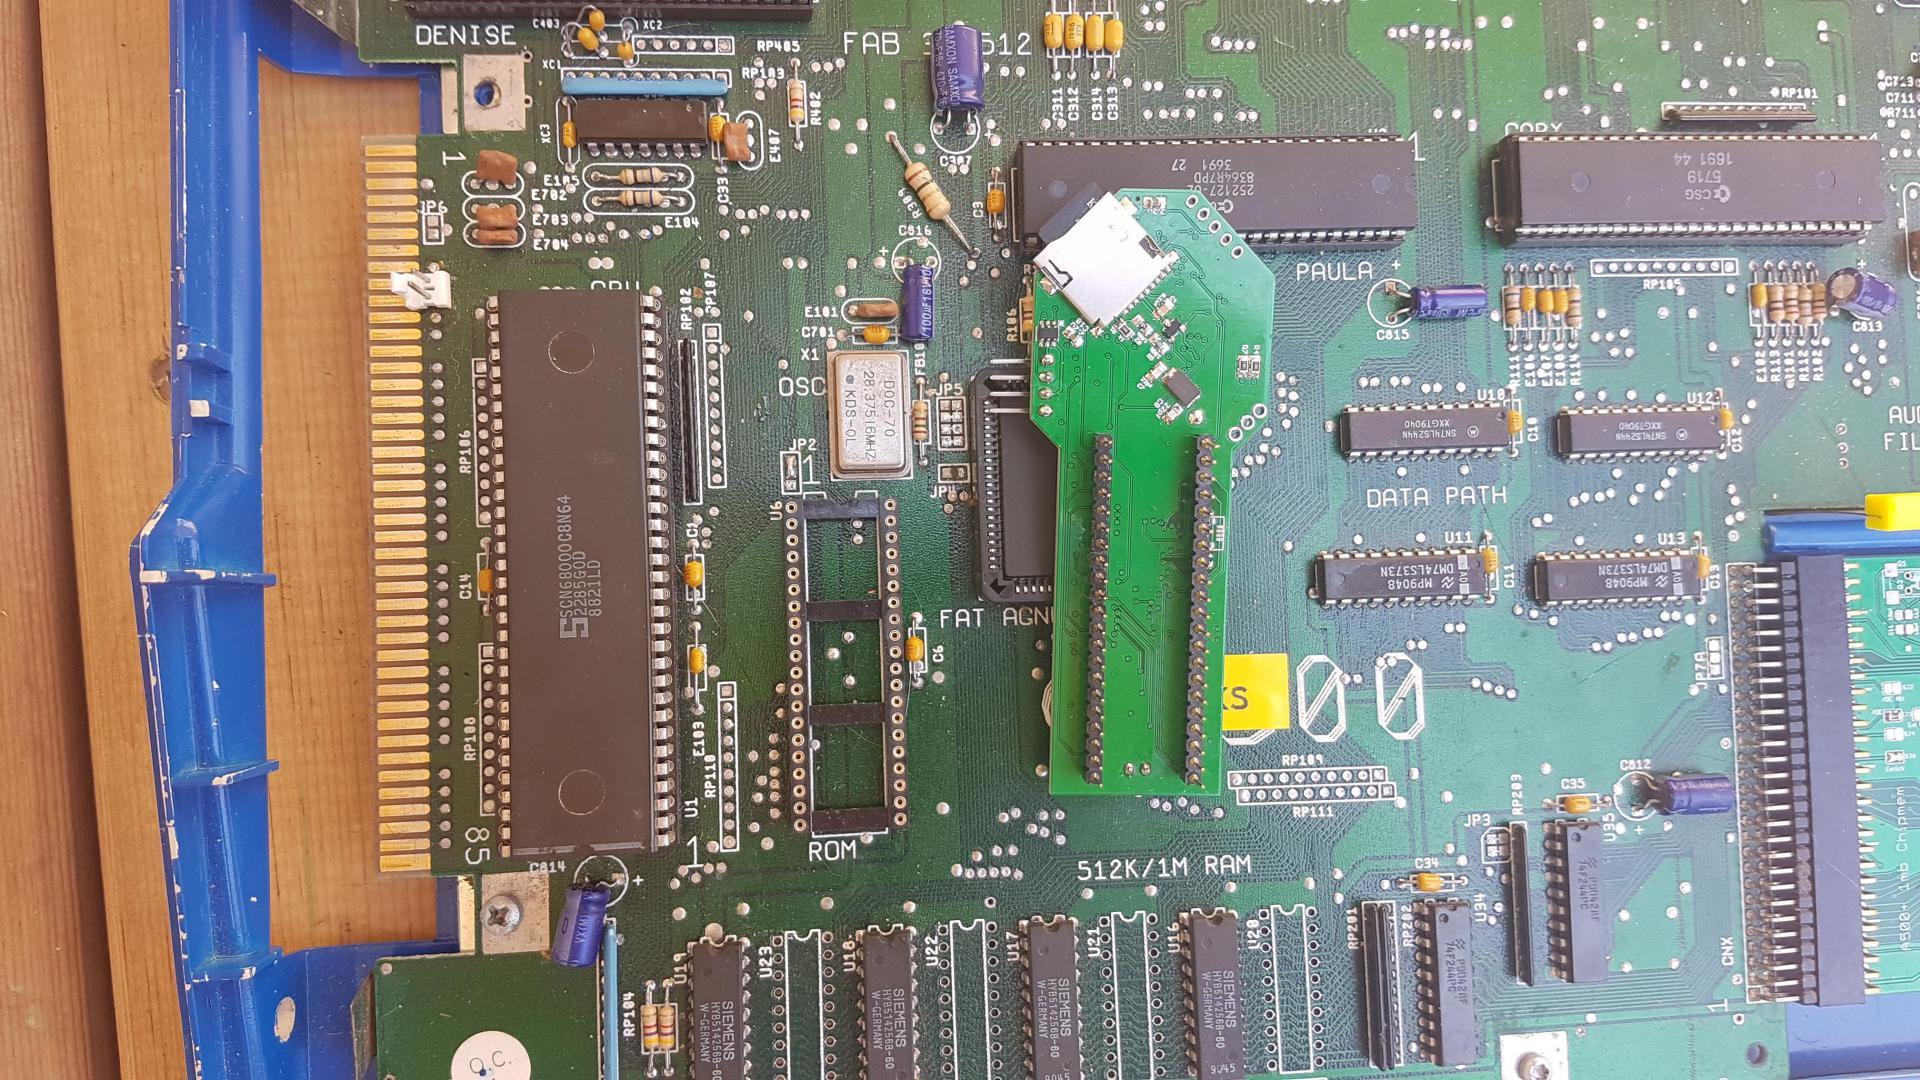 Klikněte na obrázek pro zobrazení větší verze  Název: romulatorbottom.jpg Zobrazeno: 60 Velikost: 425,4 KB ID: 9611